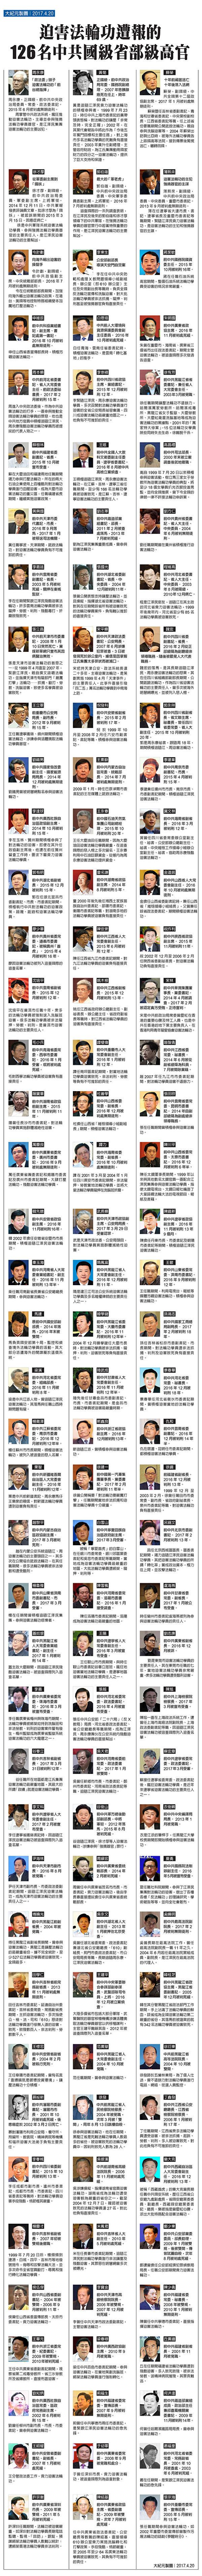 迫害法轮功遭报应的126中共高官。(大纪元制图)